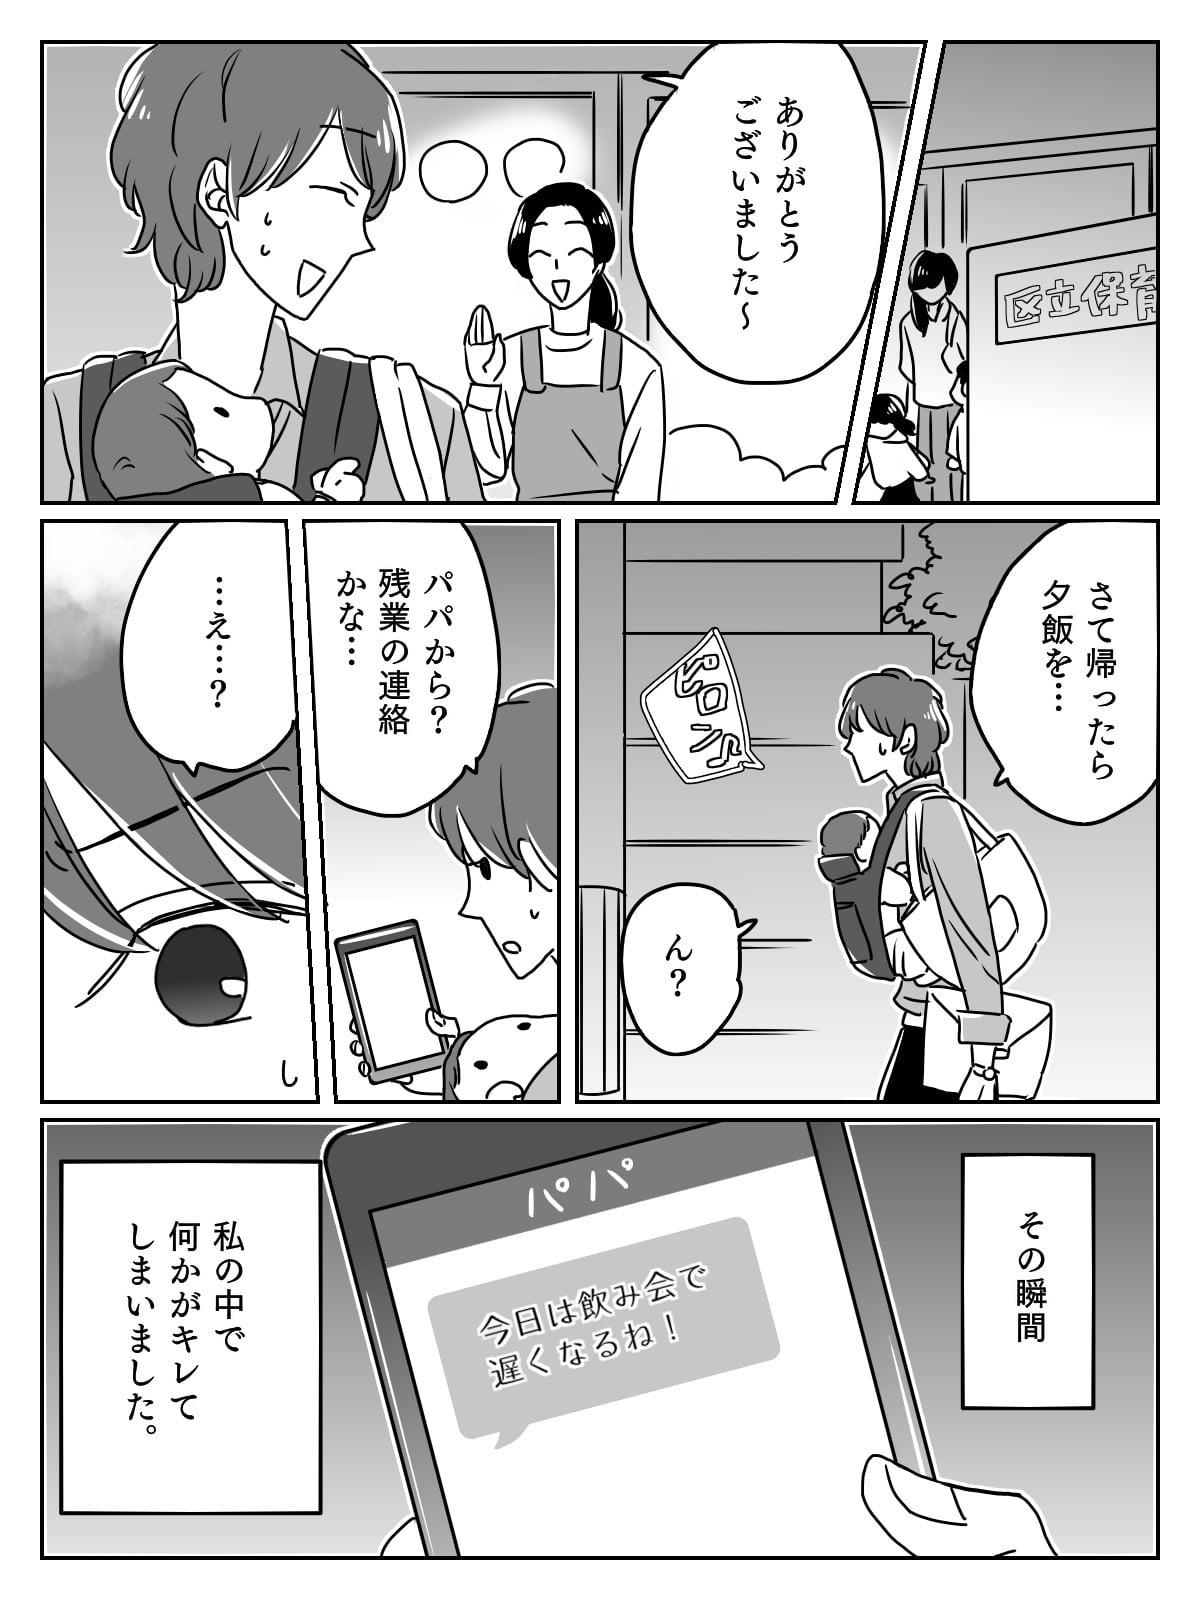 荳ュ邱ィ03